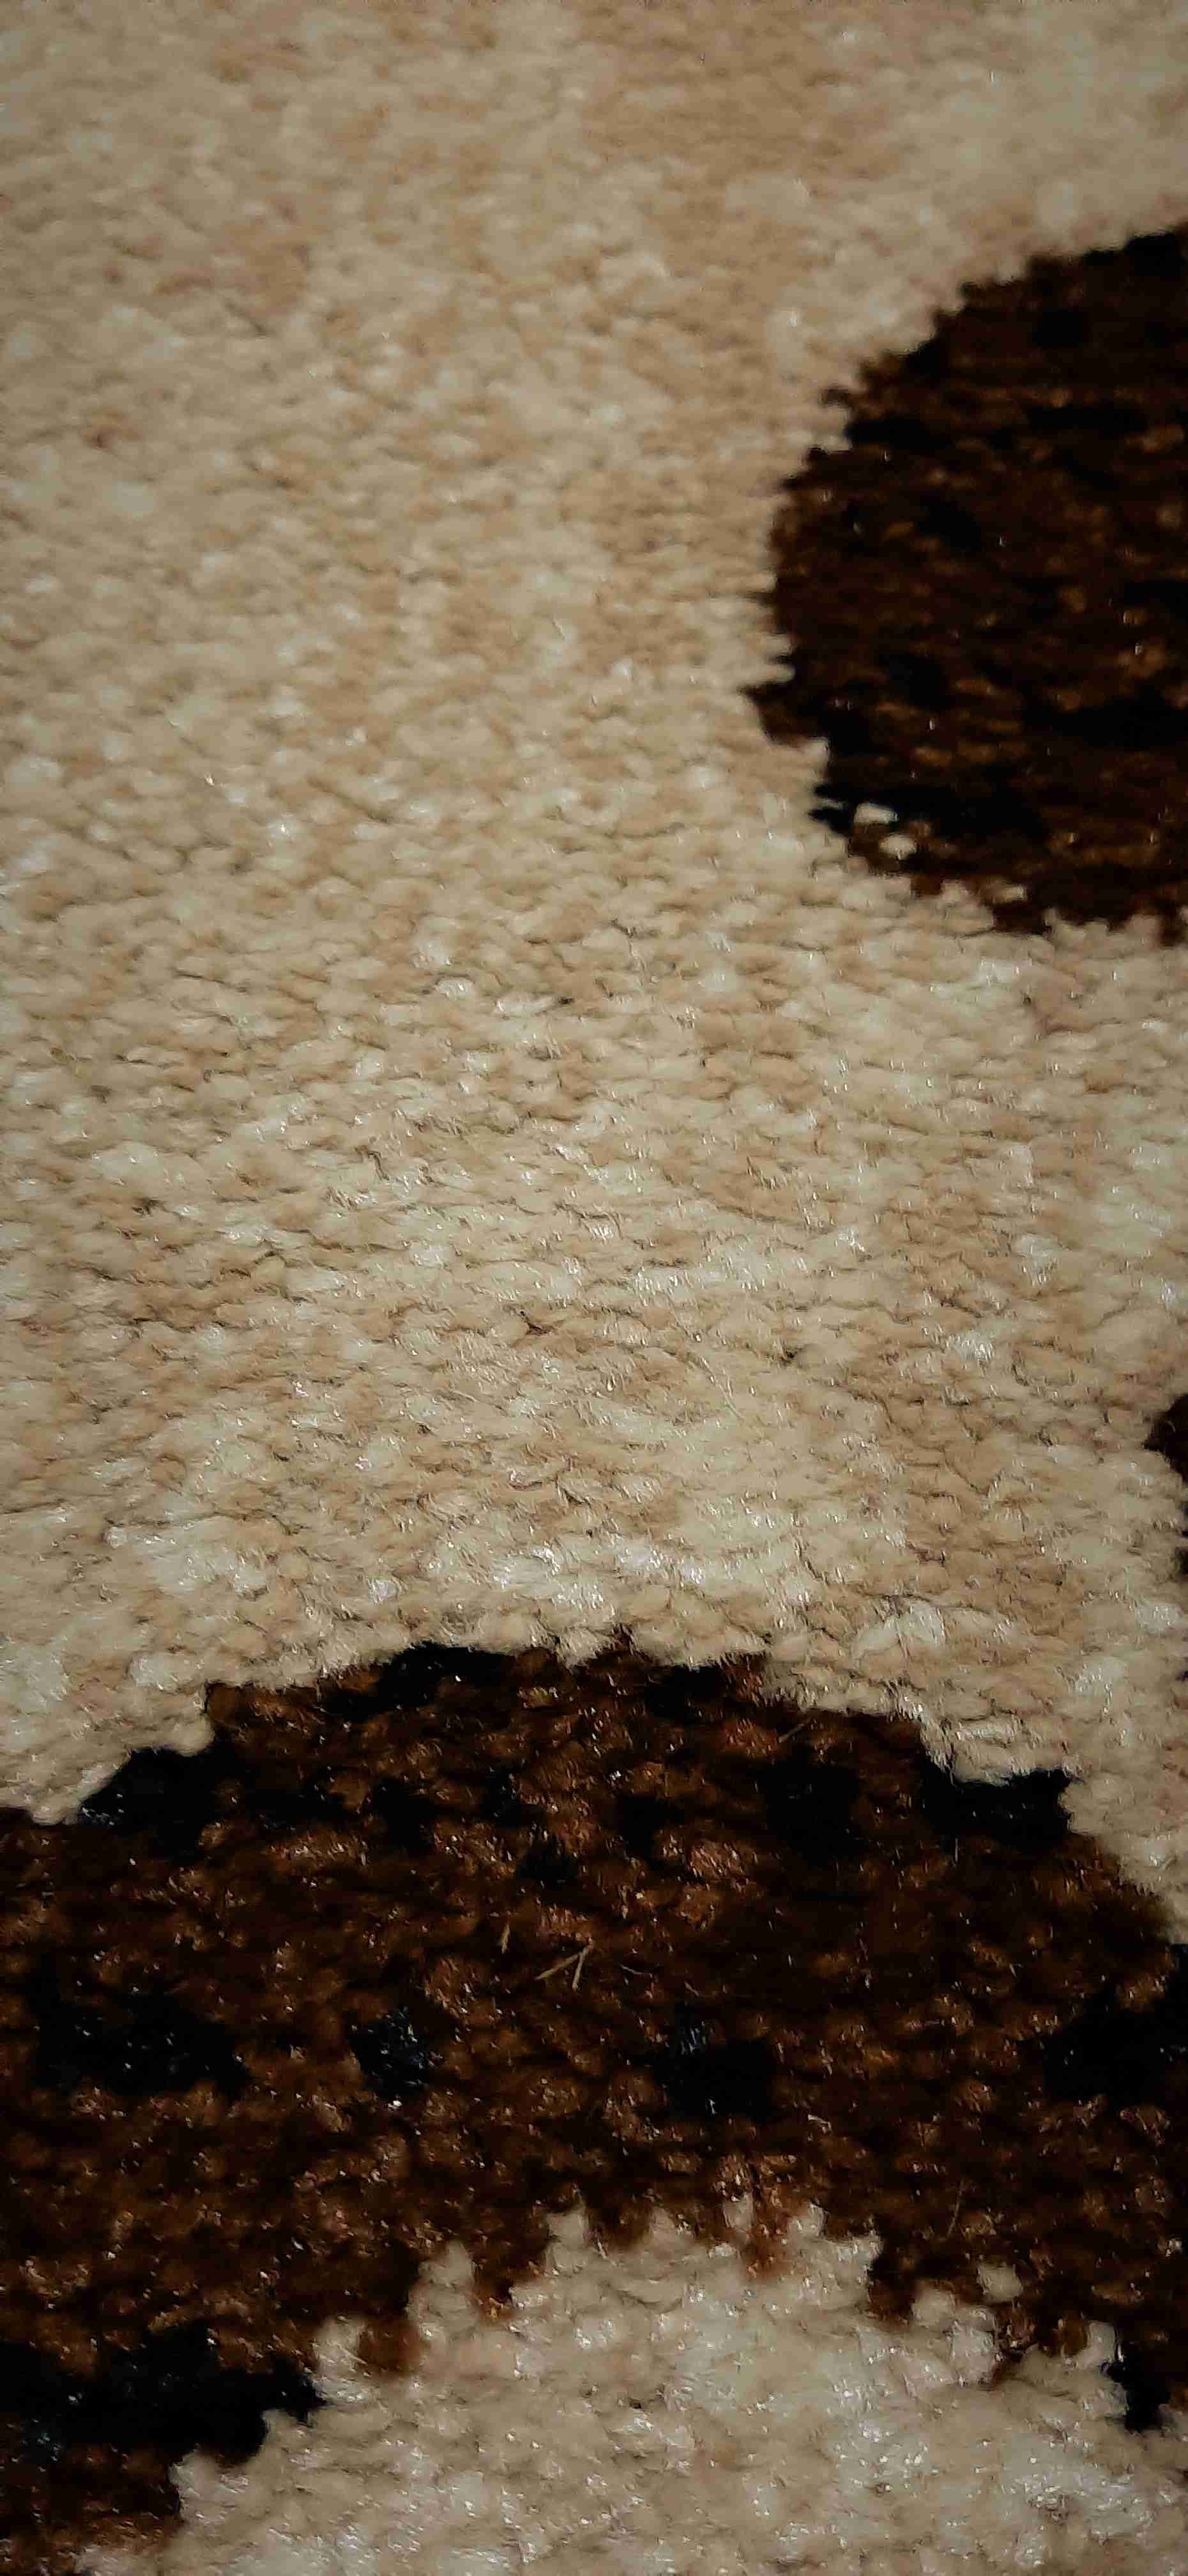 Traversa Covor, Cappuccino 16028-118, Bej / Maro, 100x900 cm, 1800 gr/mp 4